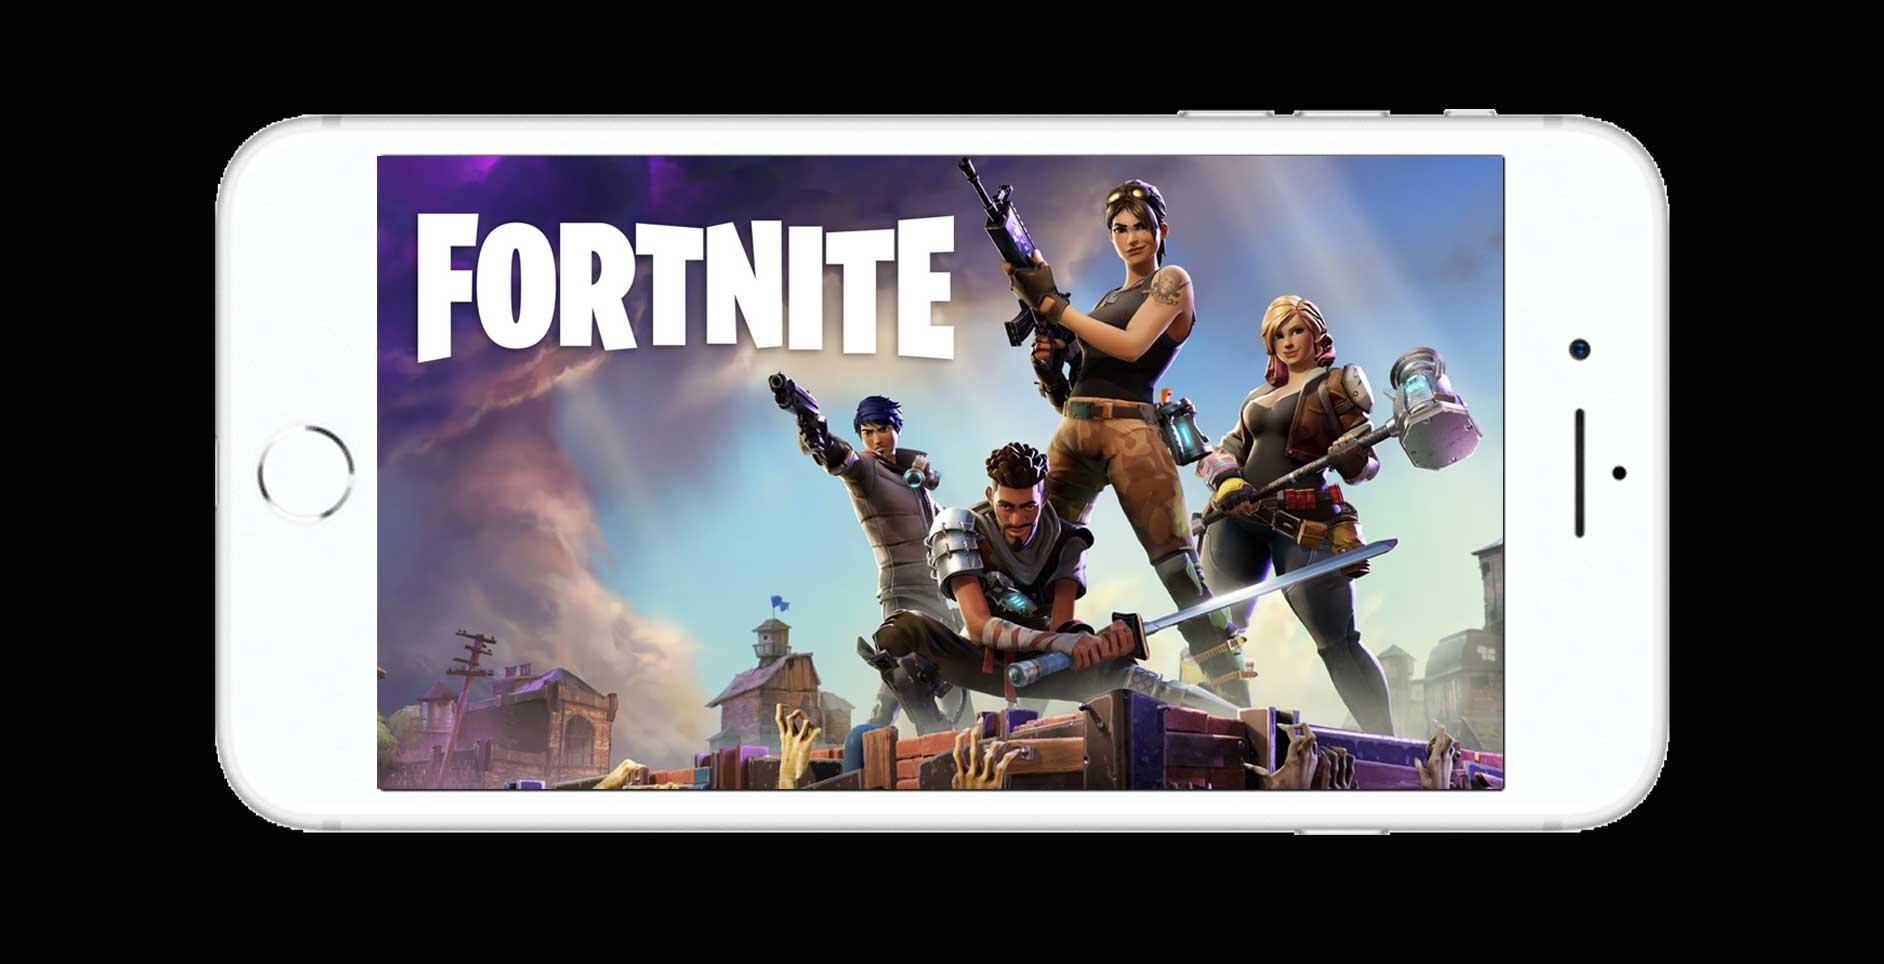 Fortnite: Battle Royale - Kommt für Smartphone & Tablet, Crossplay mit PC und PS4